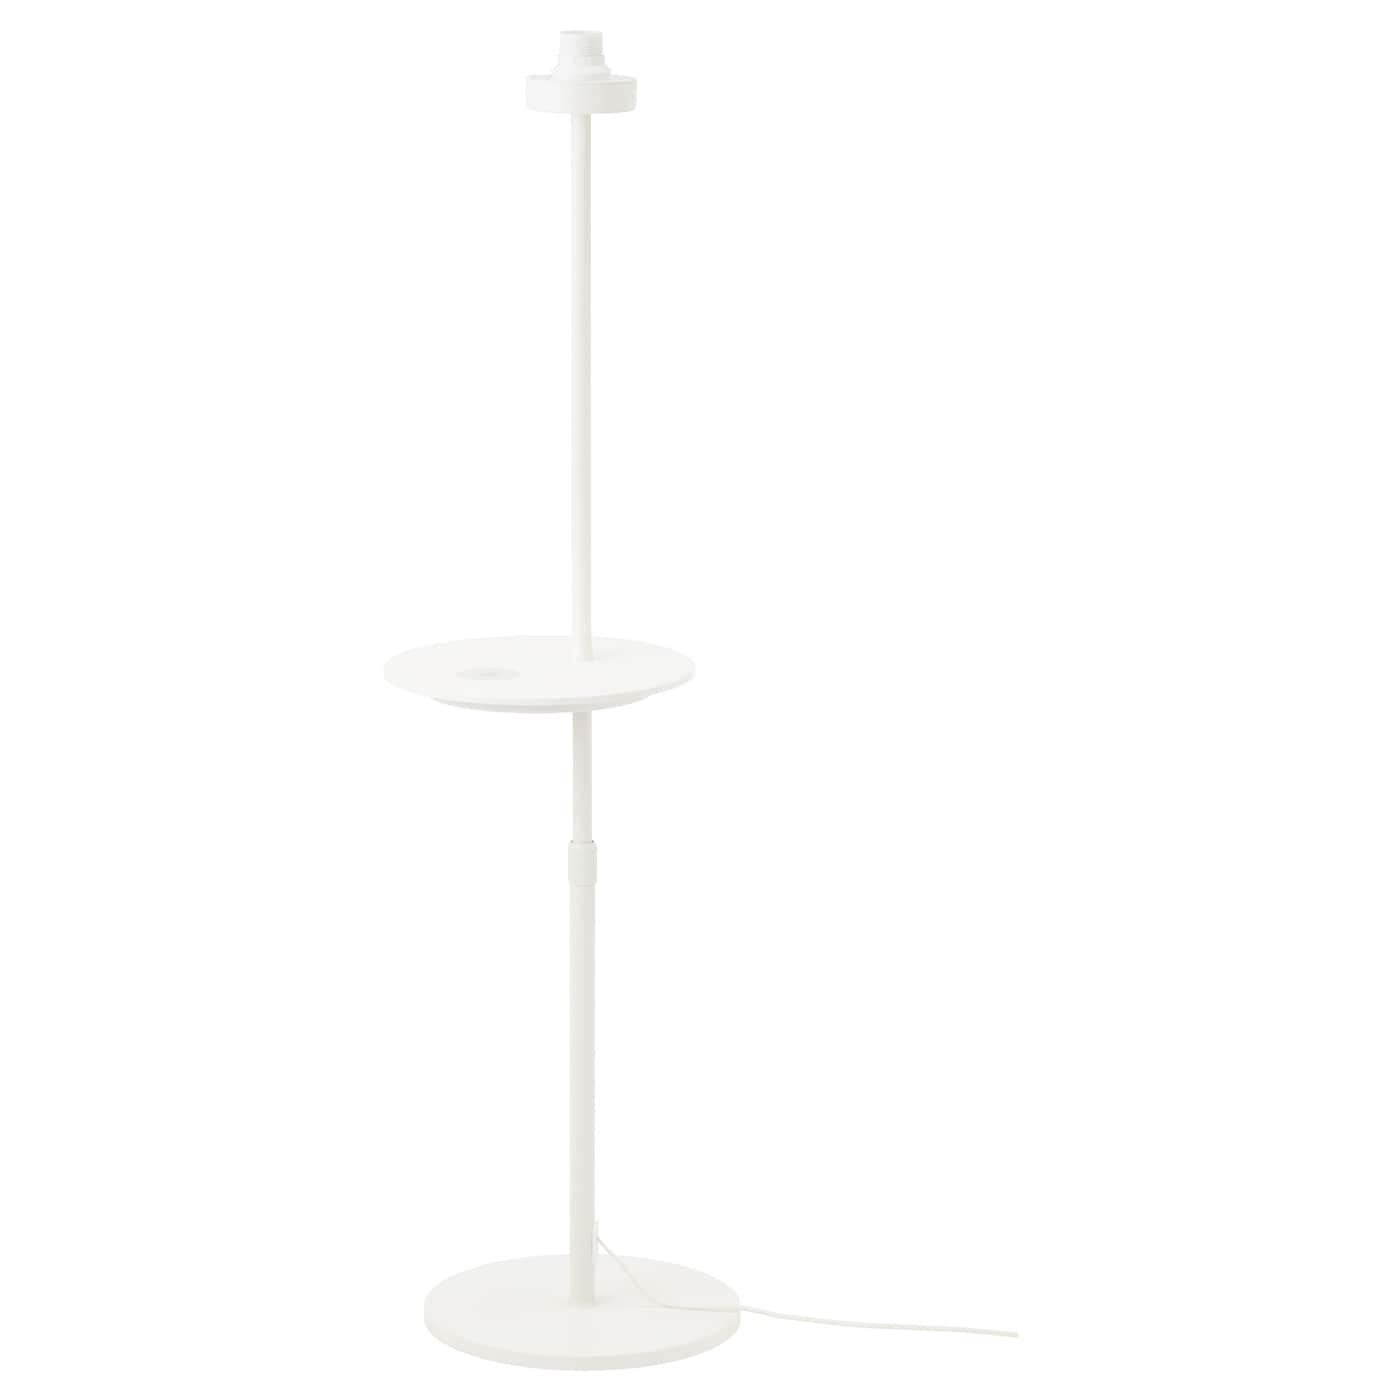 IKEA VARV Standleuchtenfuß Mit Ladefunktion